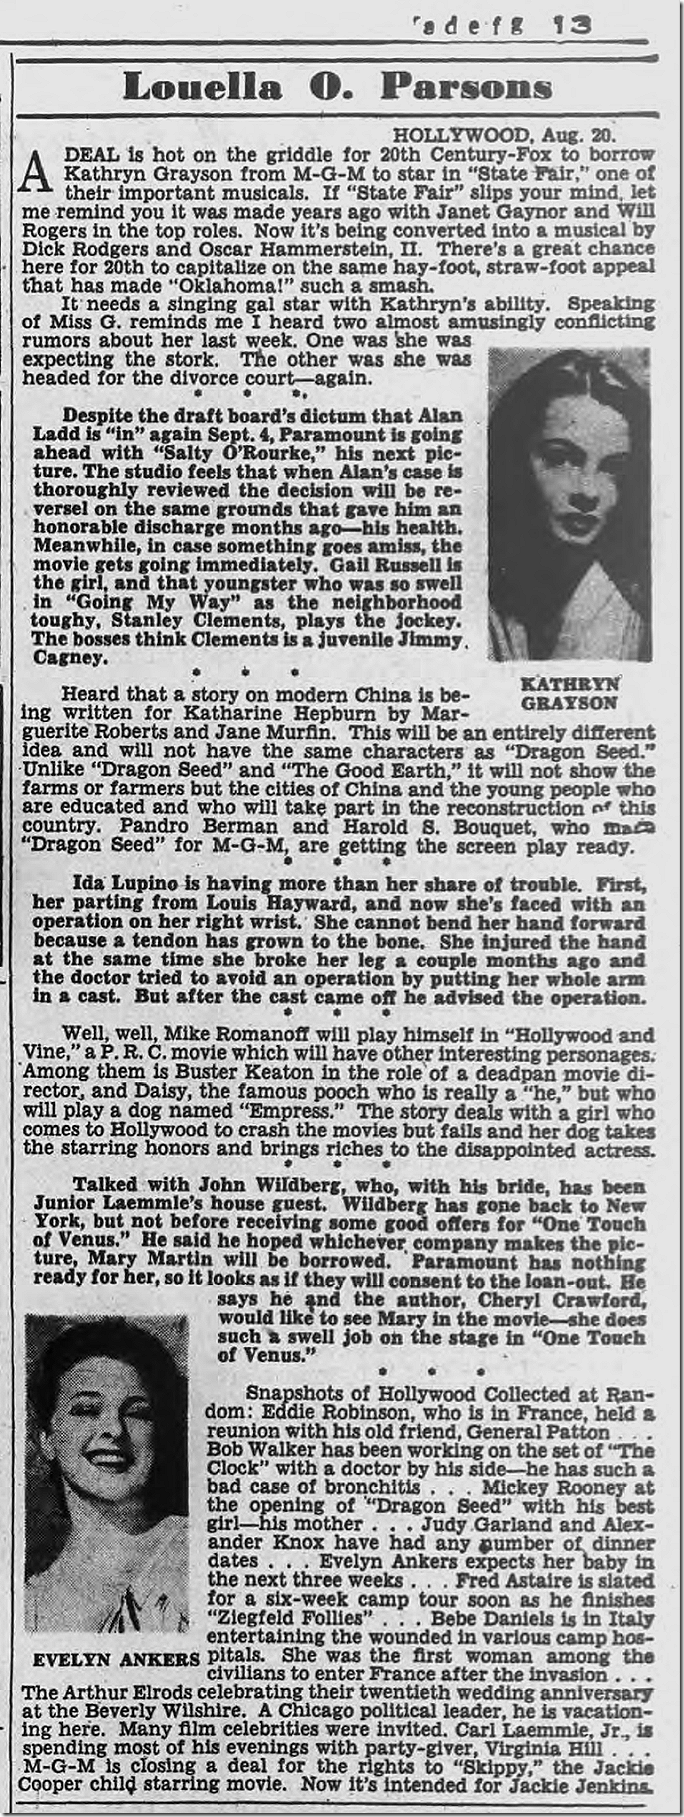 Aug. 21, 1944, Louella Parsons